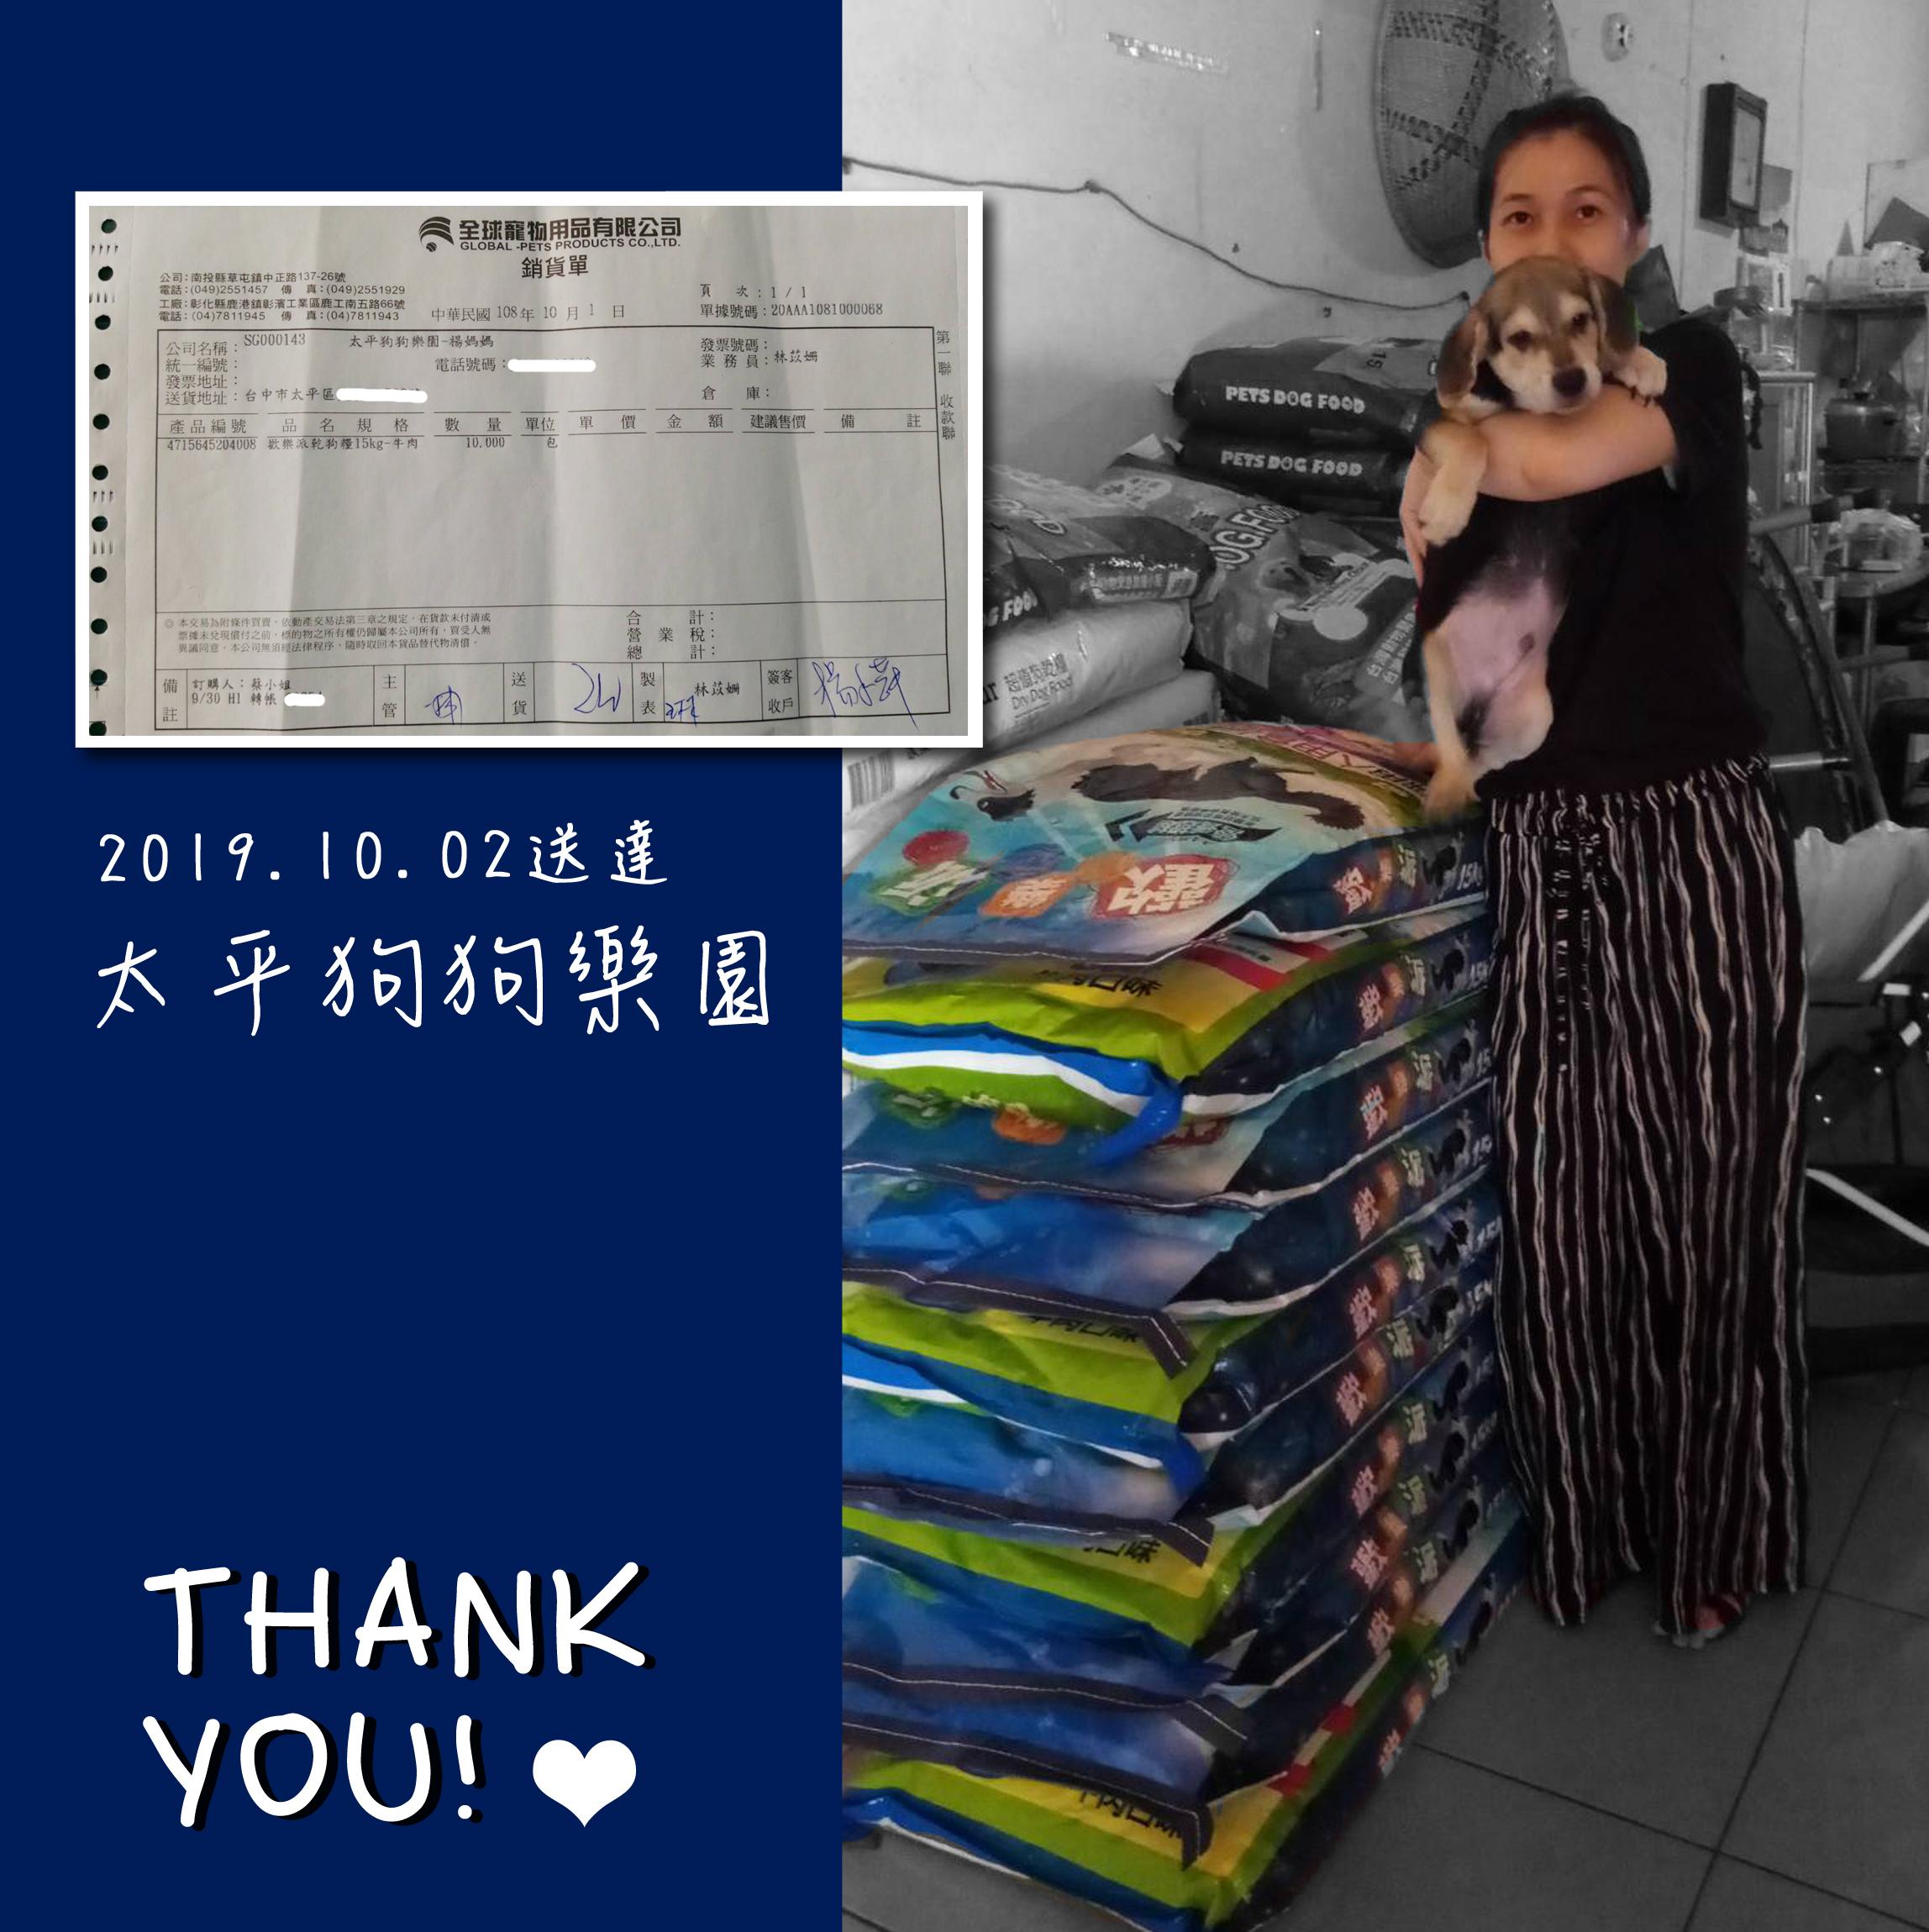 愛心捐贈飼料 歡樂派乾狗糧 送達 │太平狗狗樂園,目前狗狗的糧食,一天需要使用5包15公斤飼料